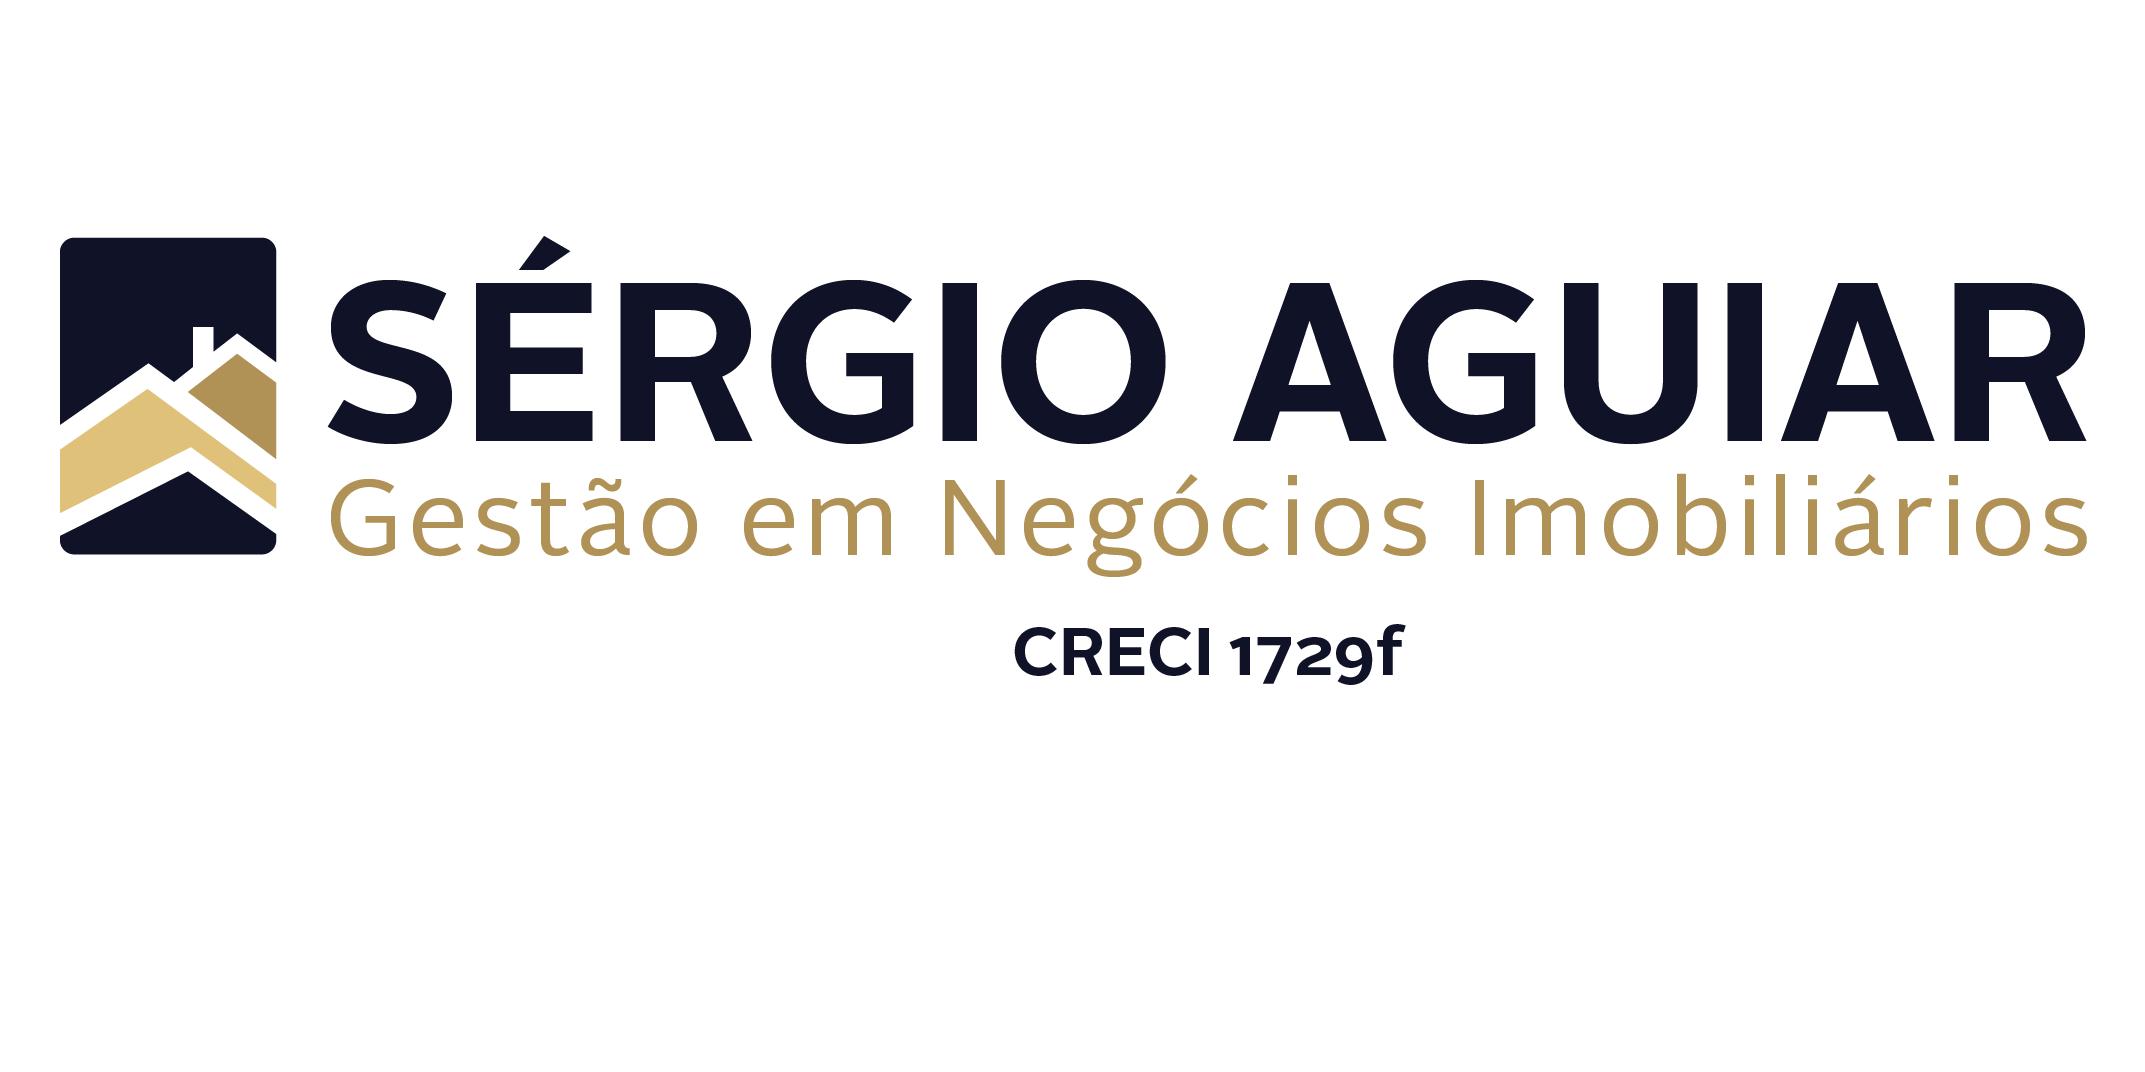 Sérgio Aguiar - Gestão em Negócios Imobiliários